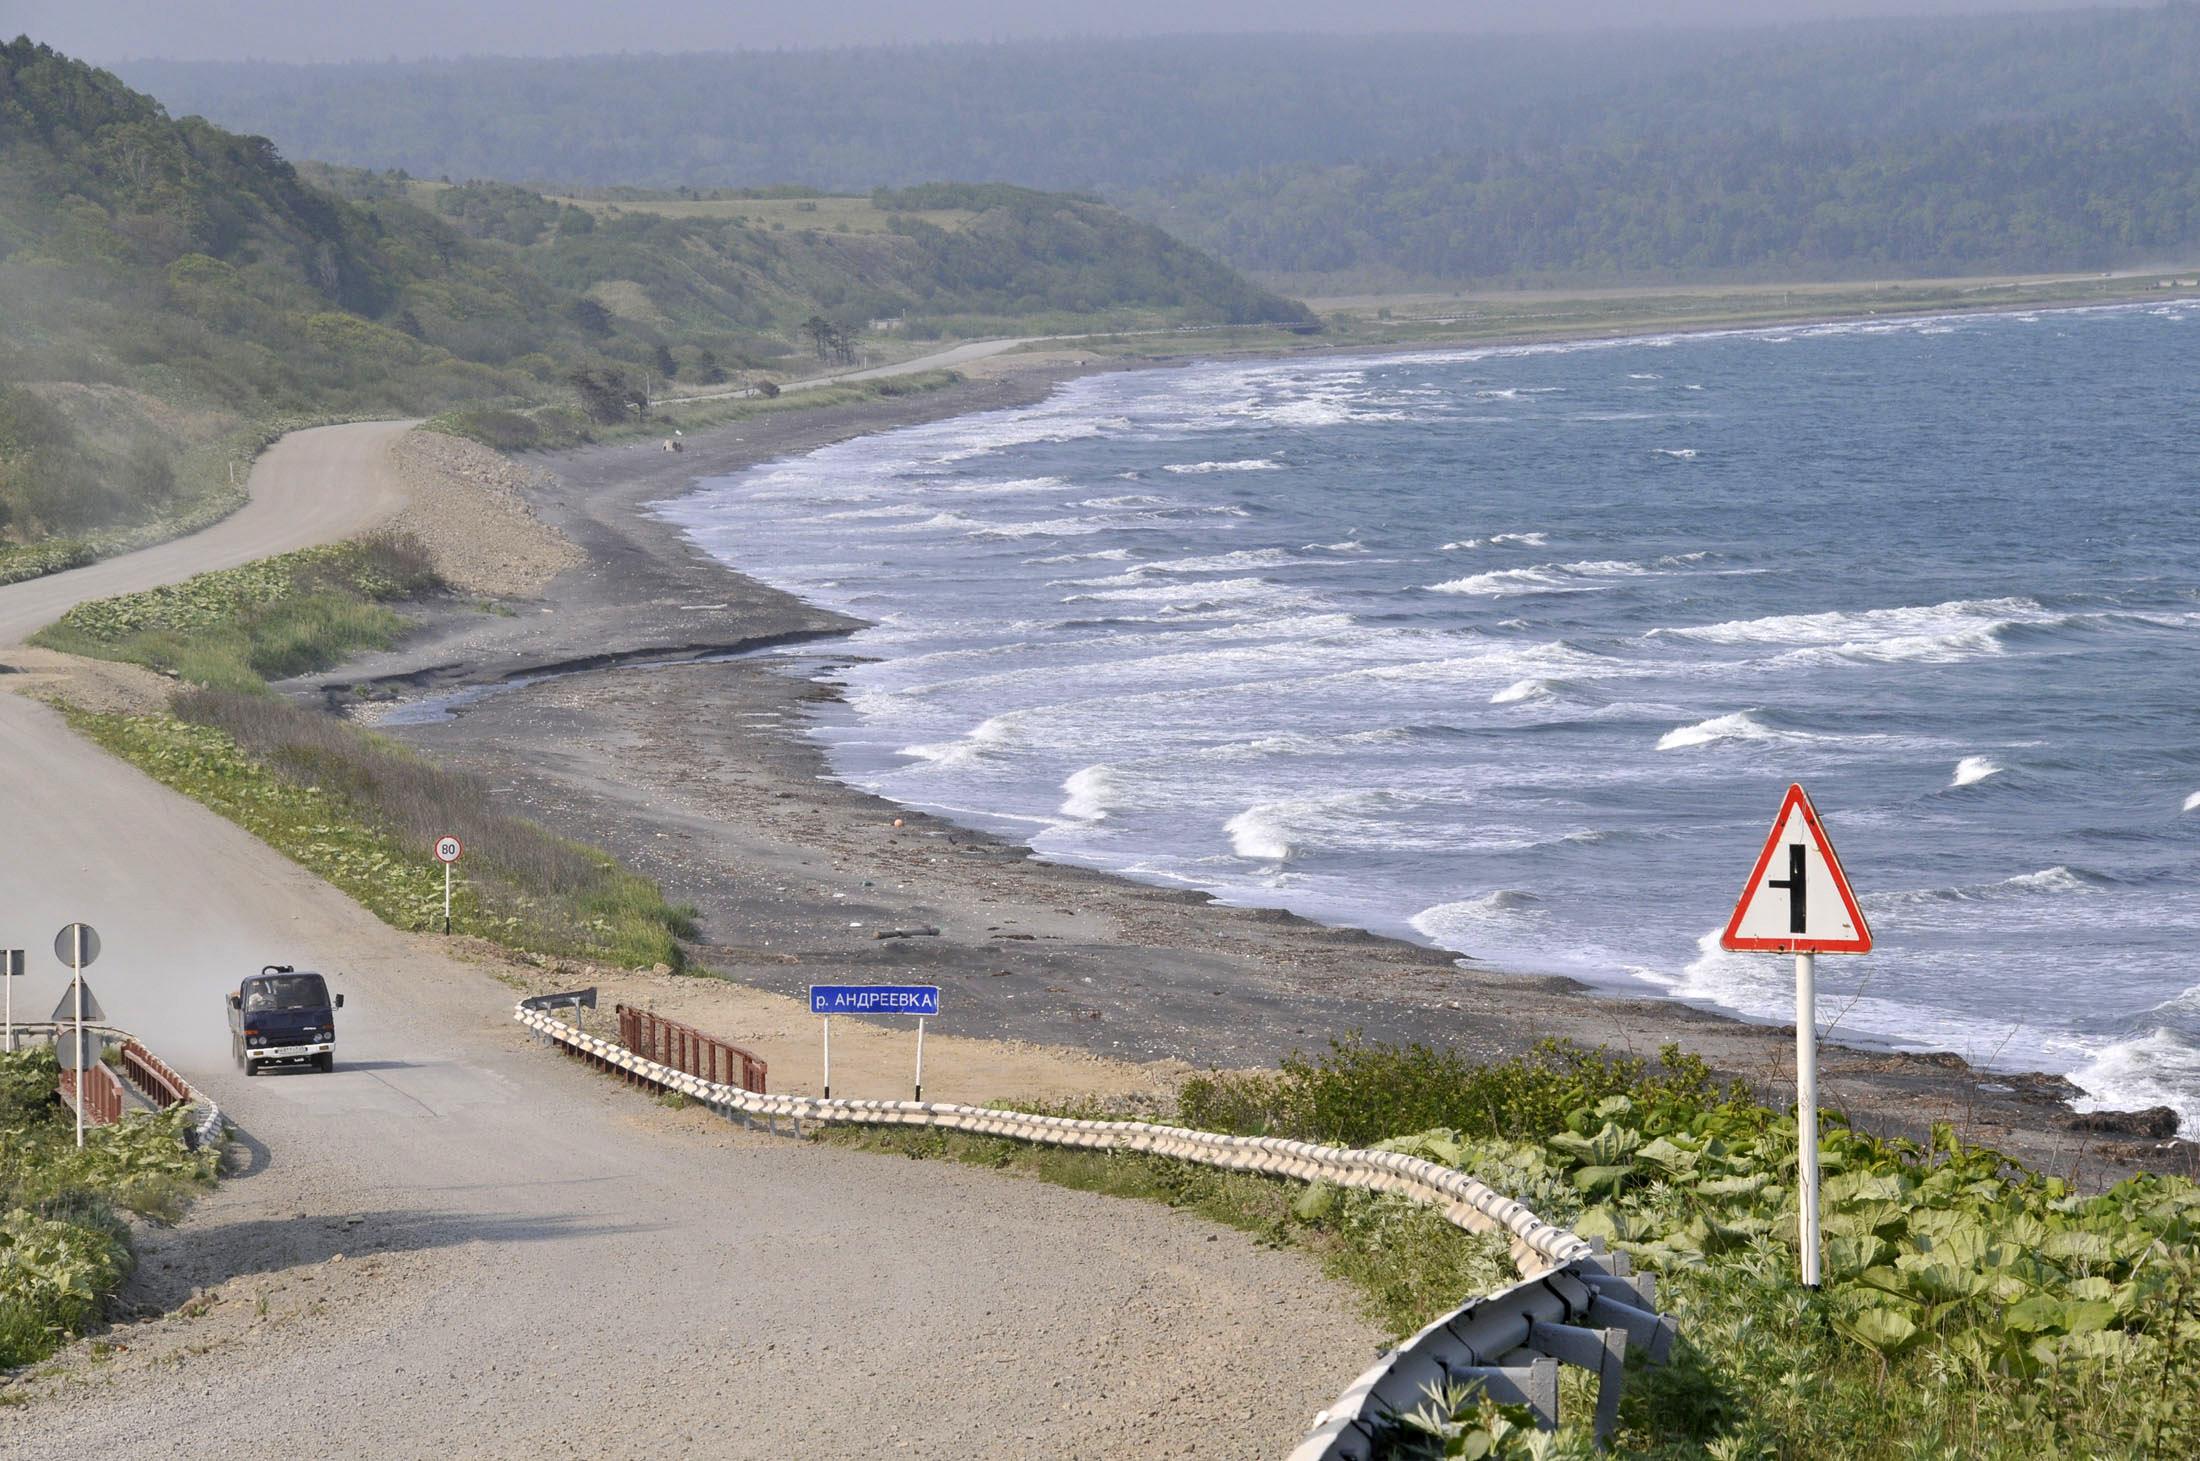 Отдыхавшие на загрязненном пляже Камчатки обратились к врачам